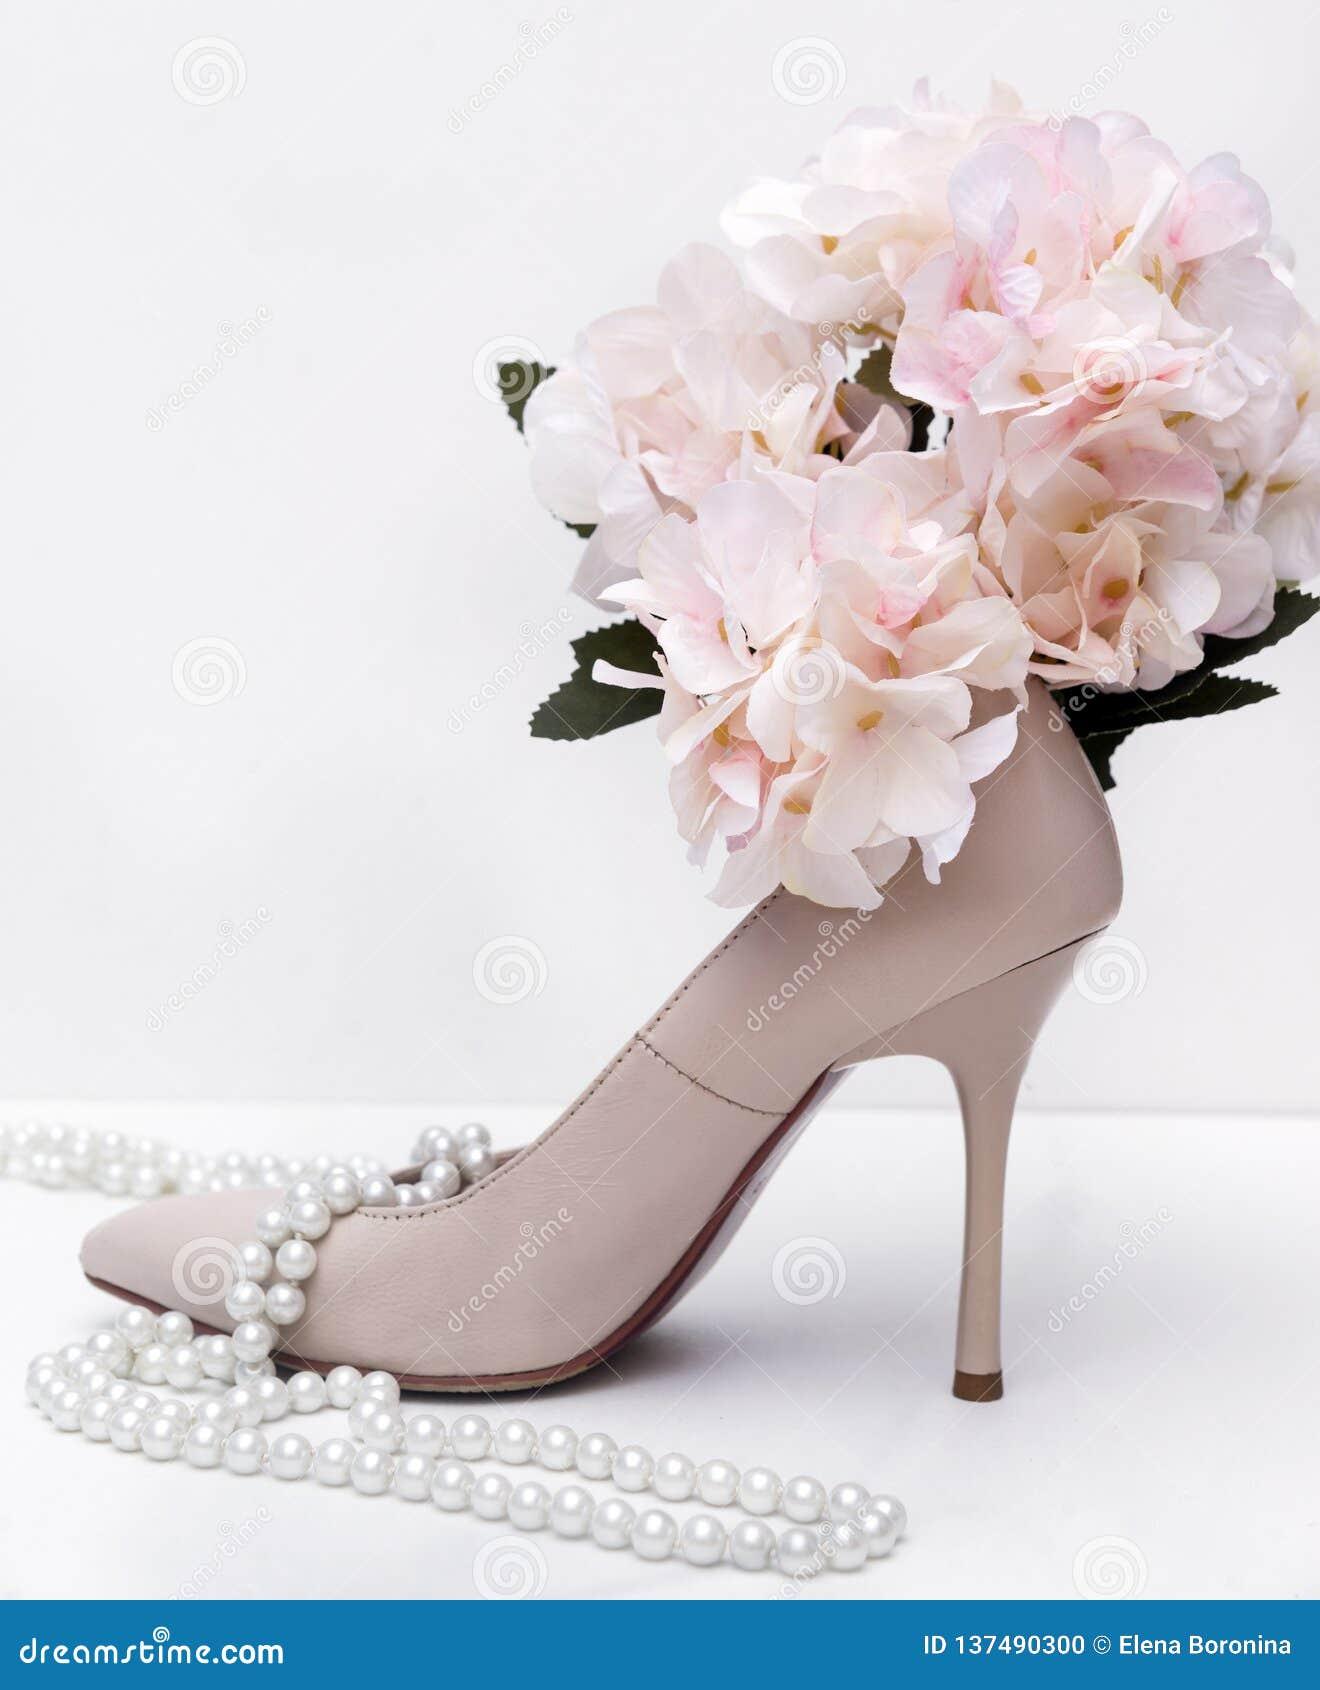 1, la chaussure stylet de femmes blanches, perle, collier, fleur, hortensia